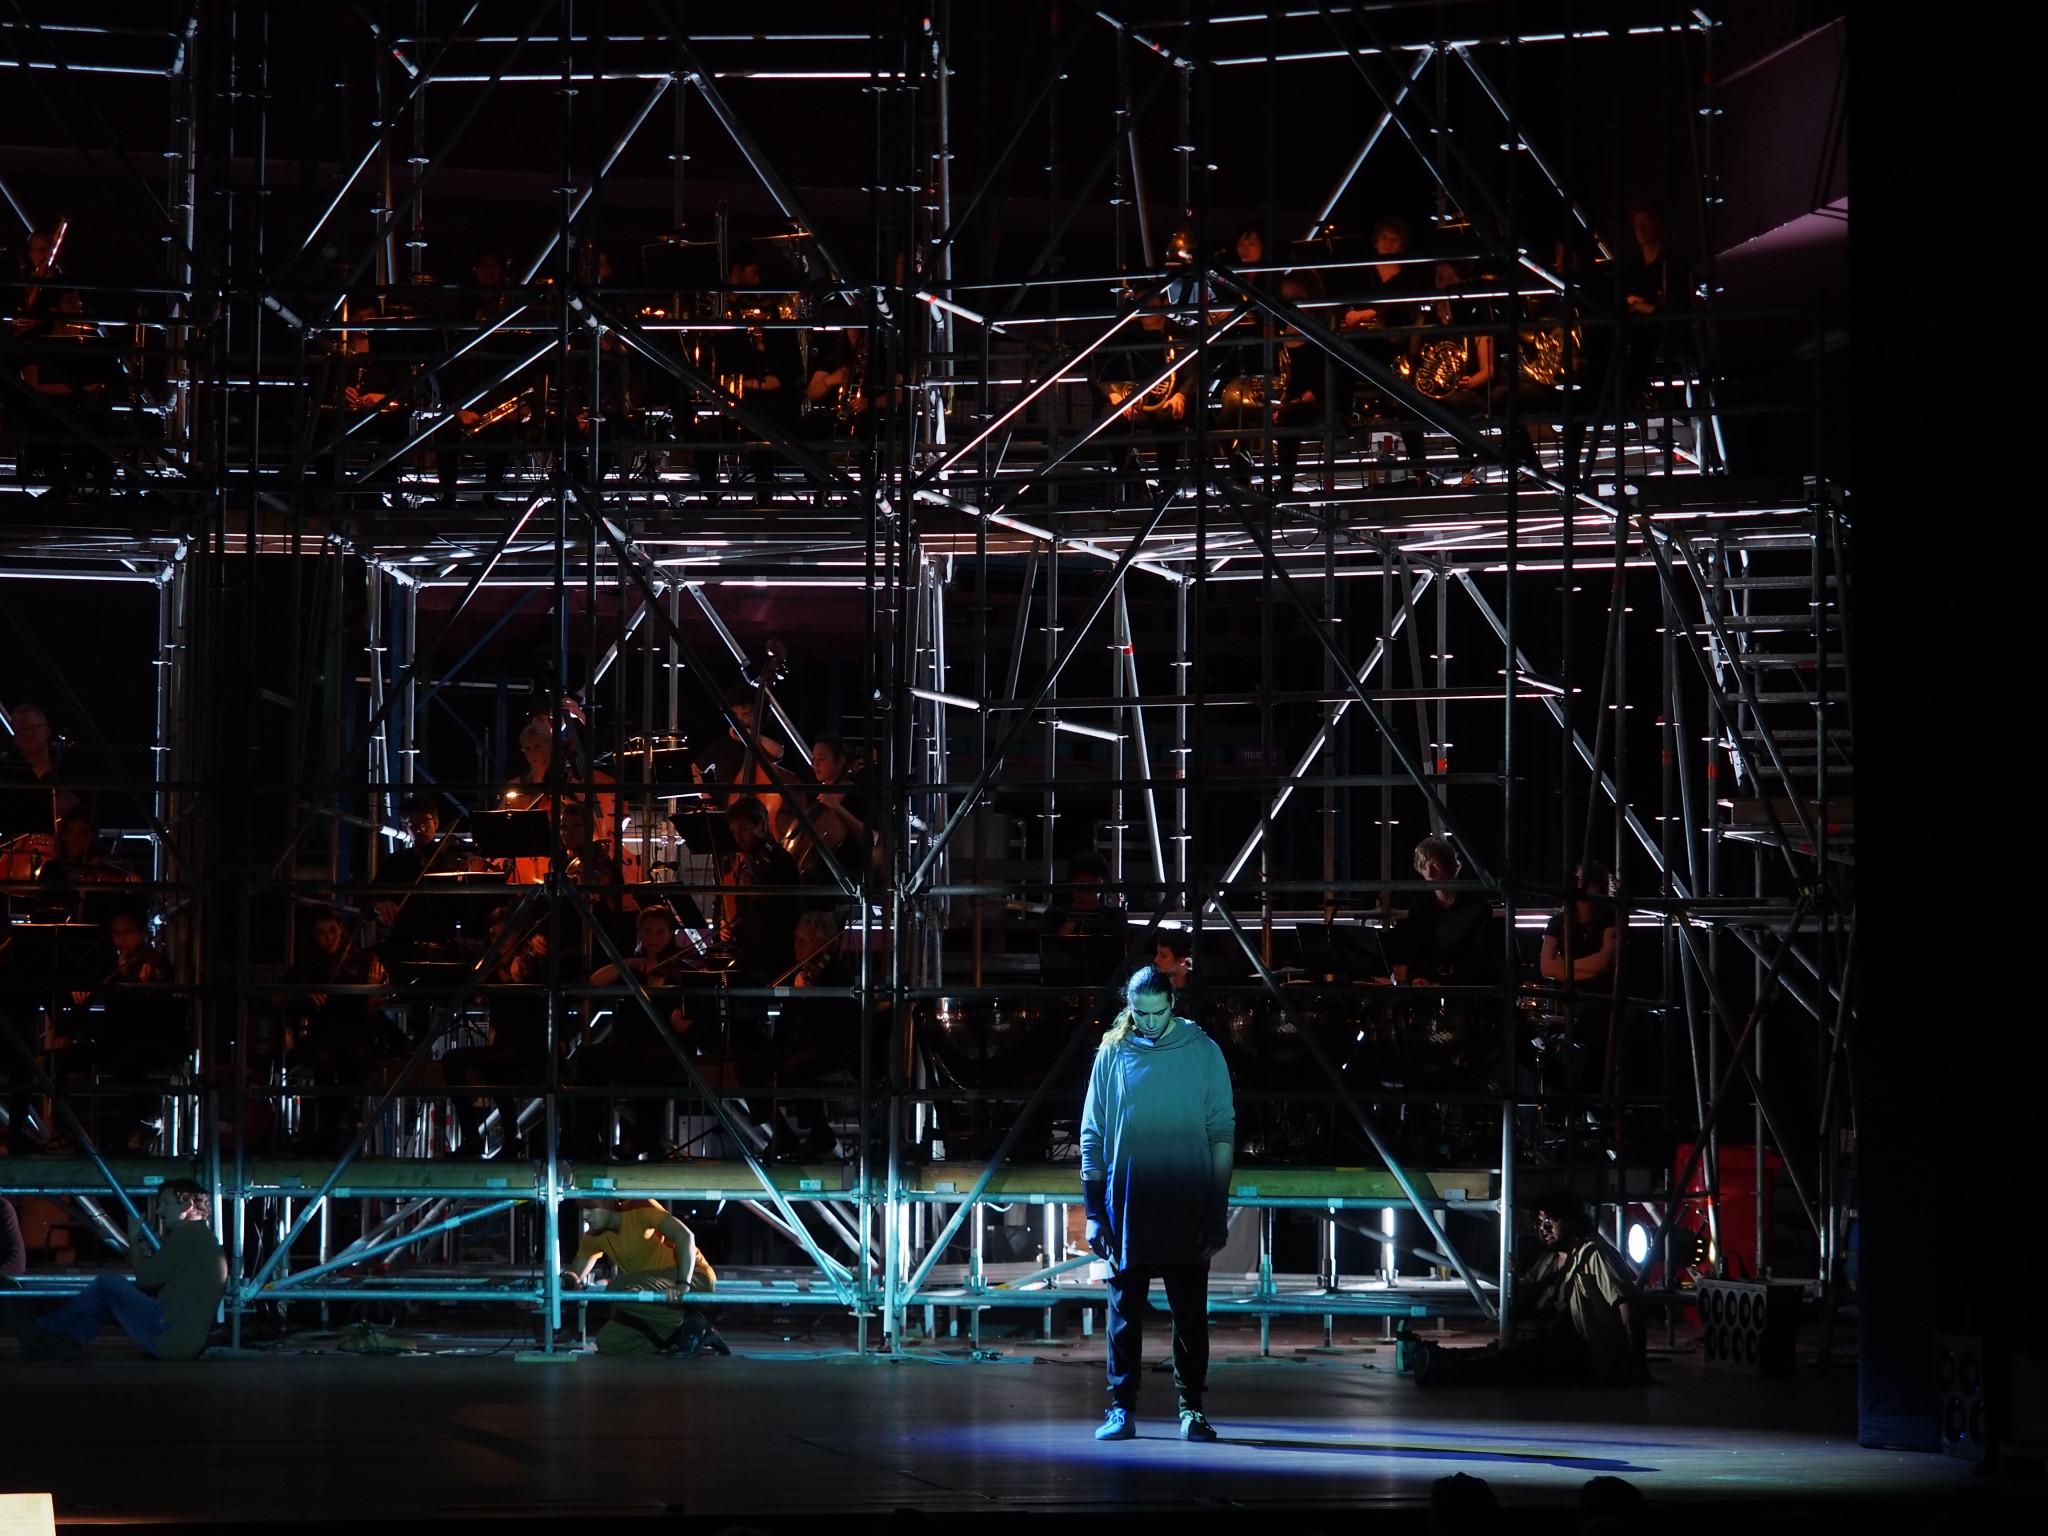 Wolven, Opera Theater Amsterdam, Regie en concept: Charles Hens, Choreografie: Anita Liem, Scenografie: Erik Kouwenhoven, Dirigent:Johannes Leertouwer, Licht: Floriaan Ganzevoort, Orkest: Nieuwe Phliharmonie Utrecht